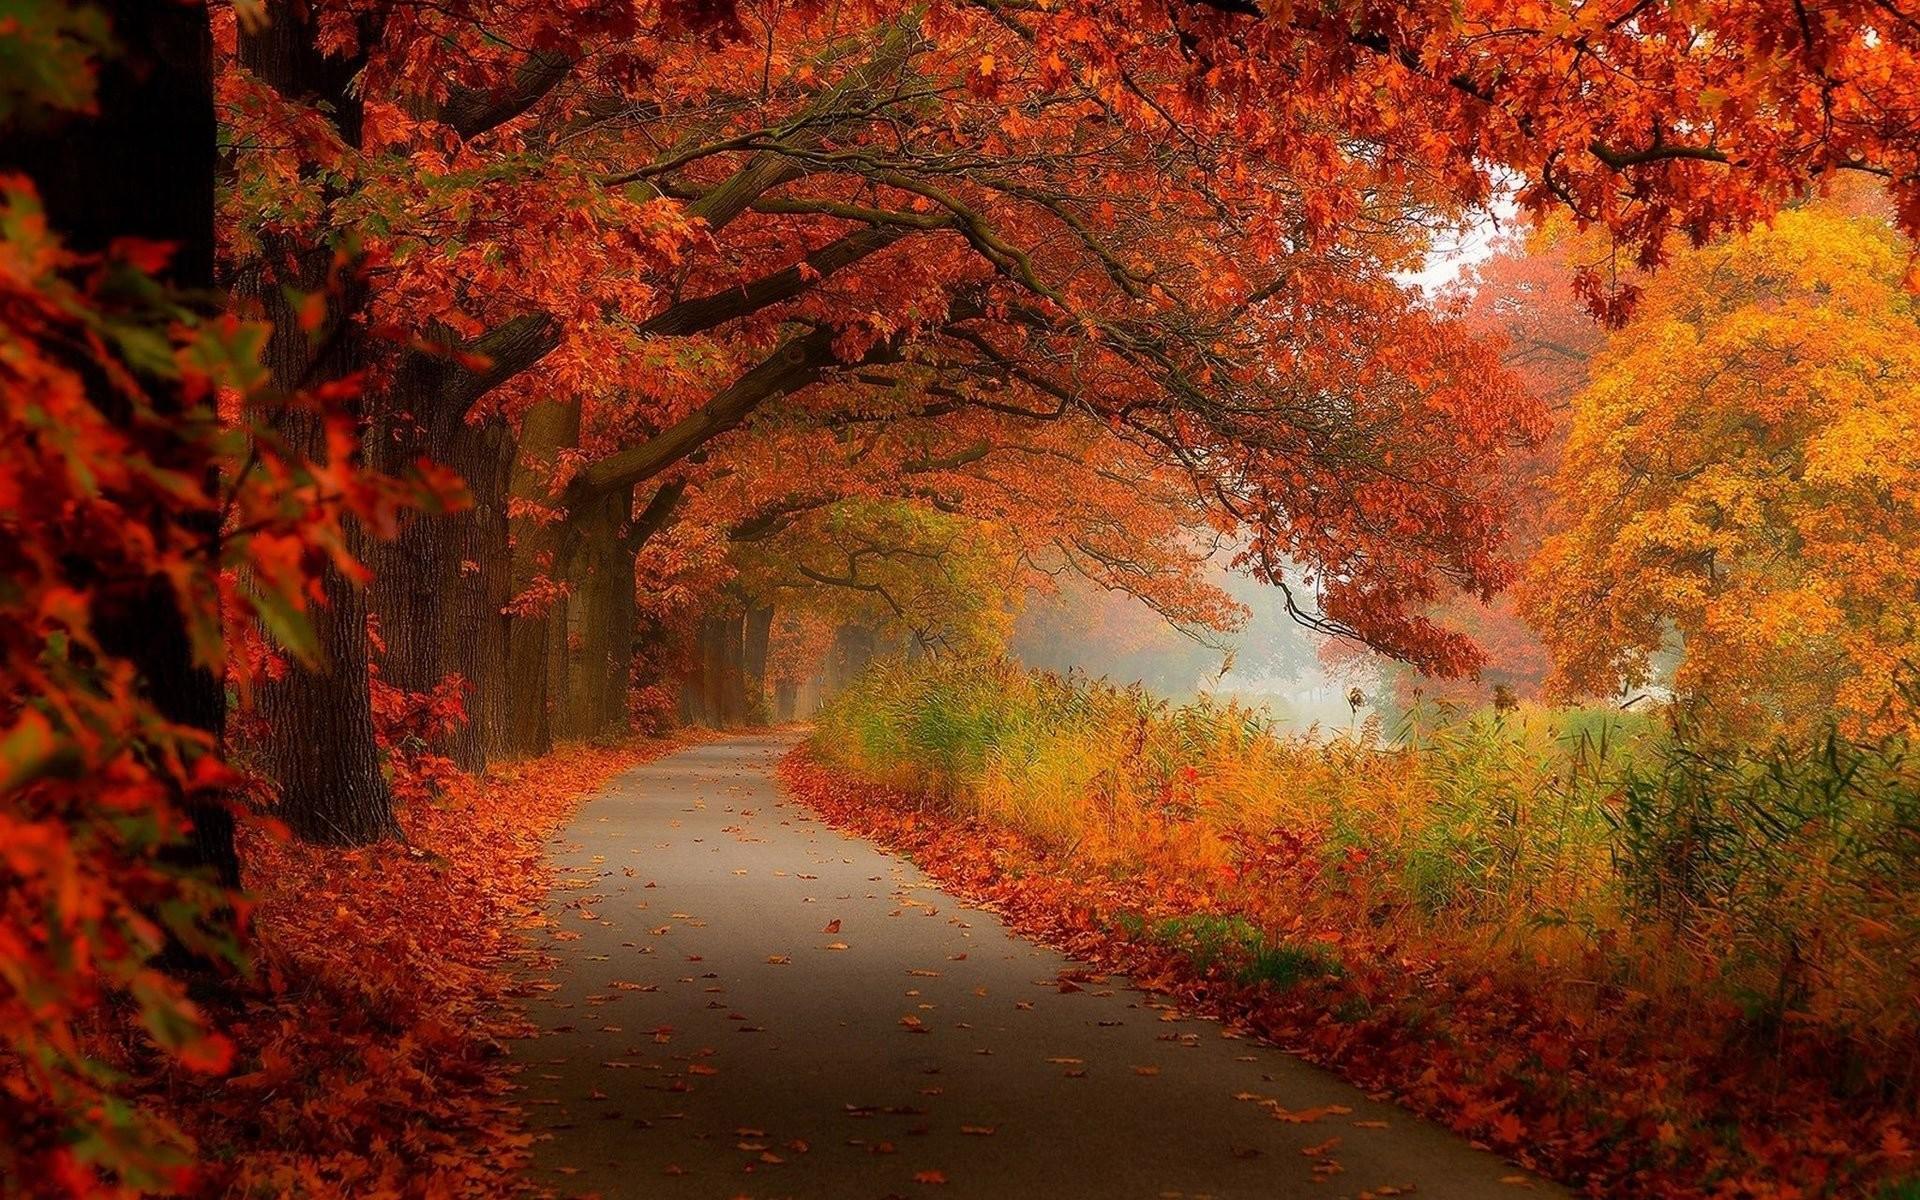 Fall Scenery Photo HD.